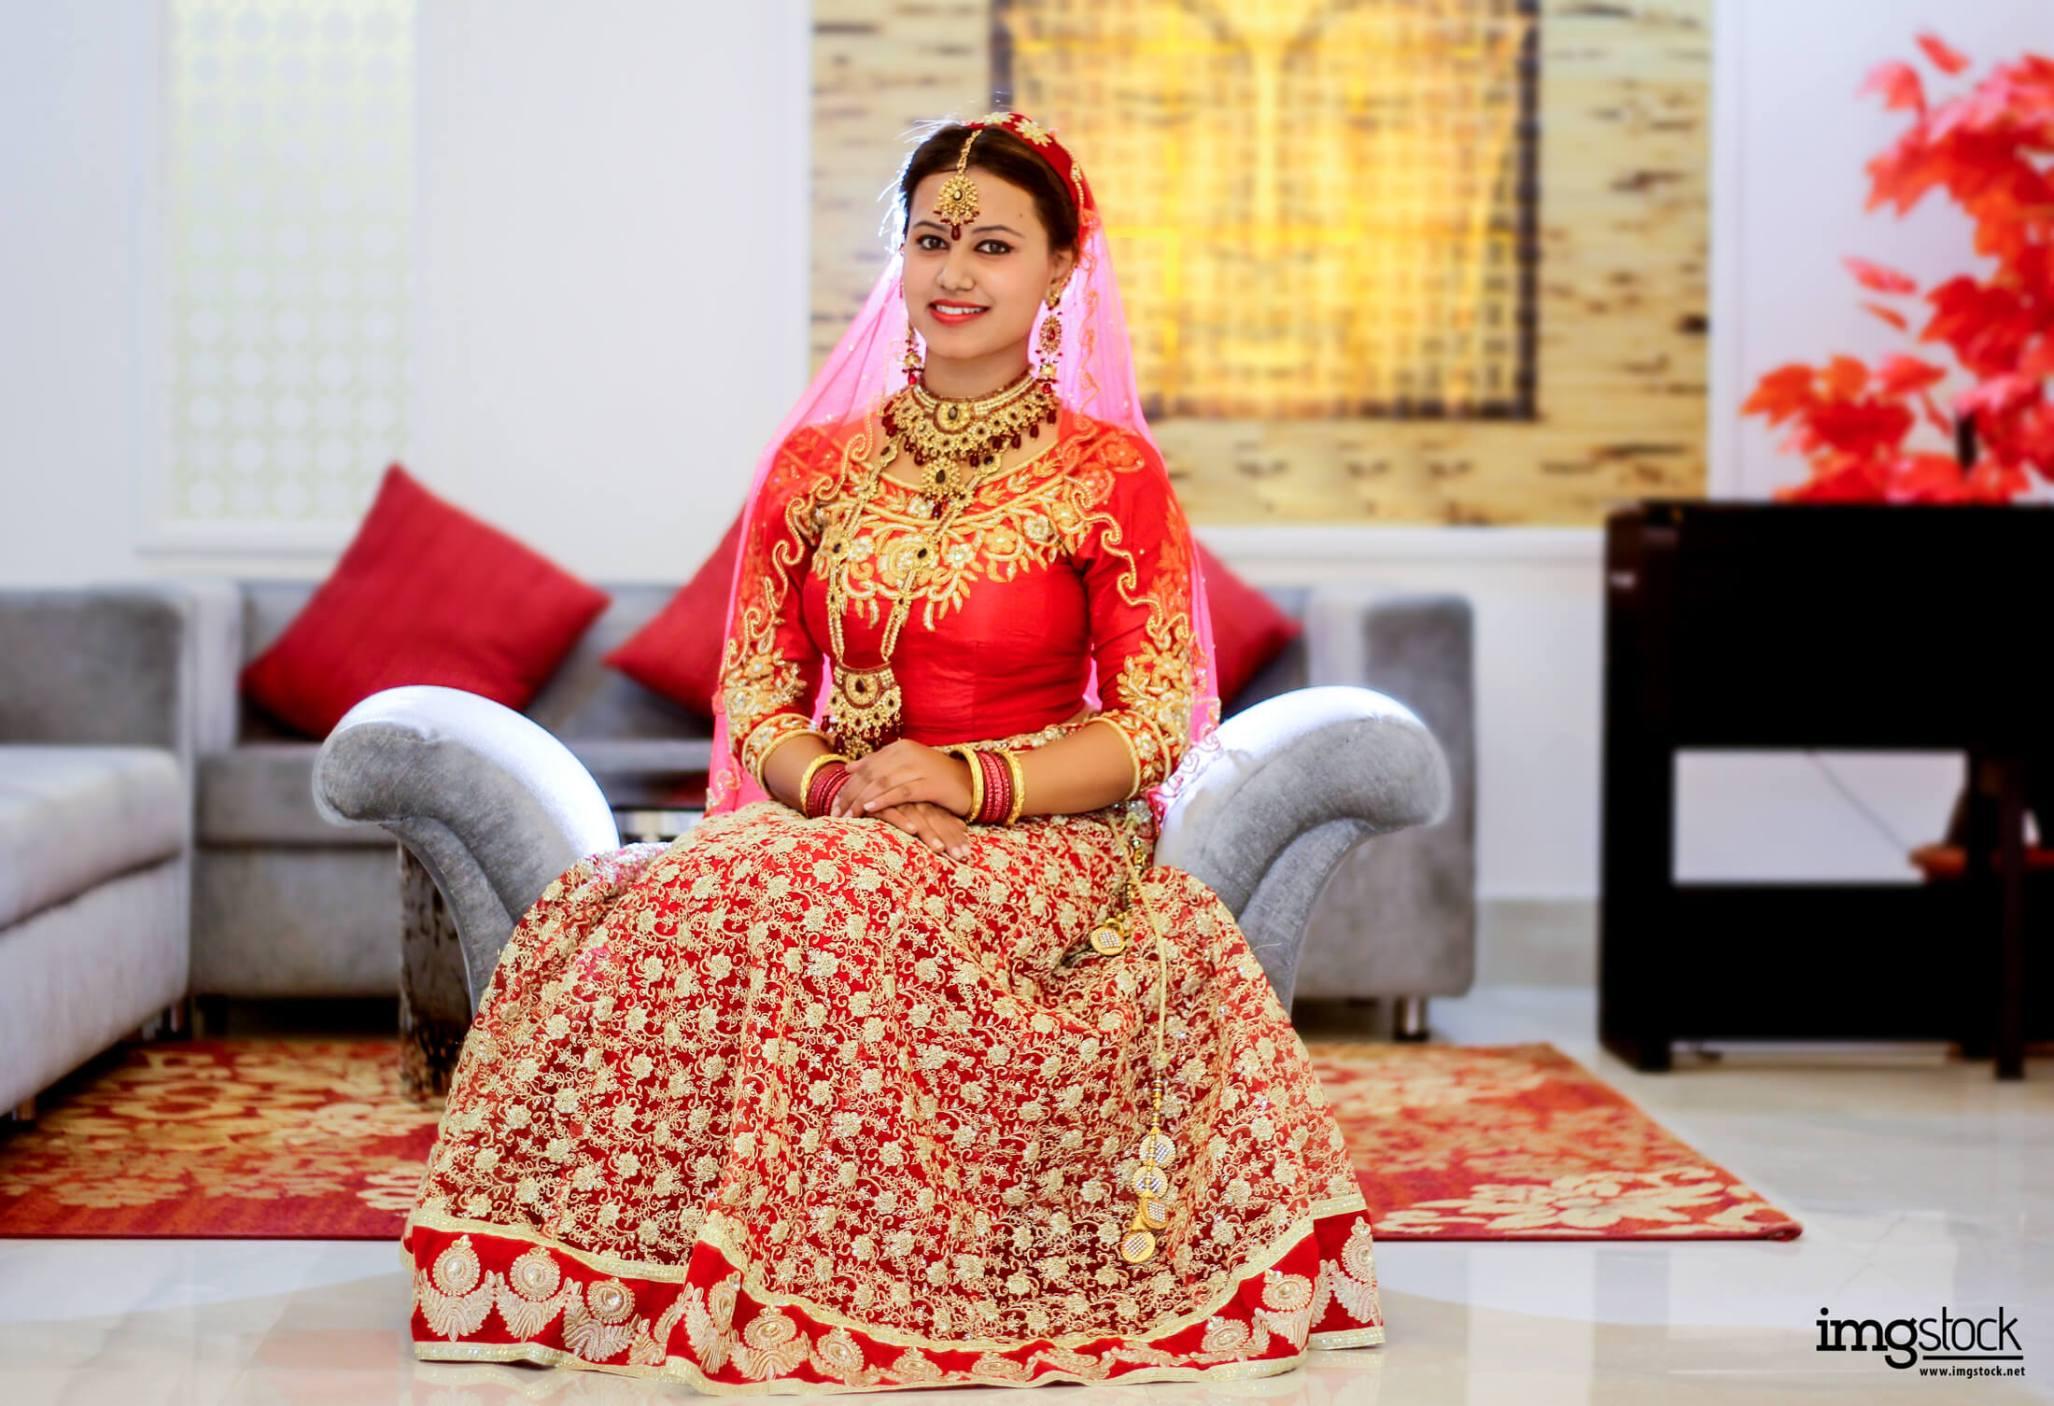 Mansa Karki Bridal Photoshoot - Imgstock, Biratnagar